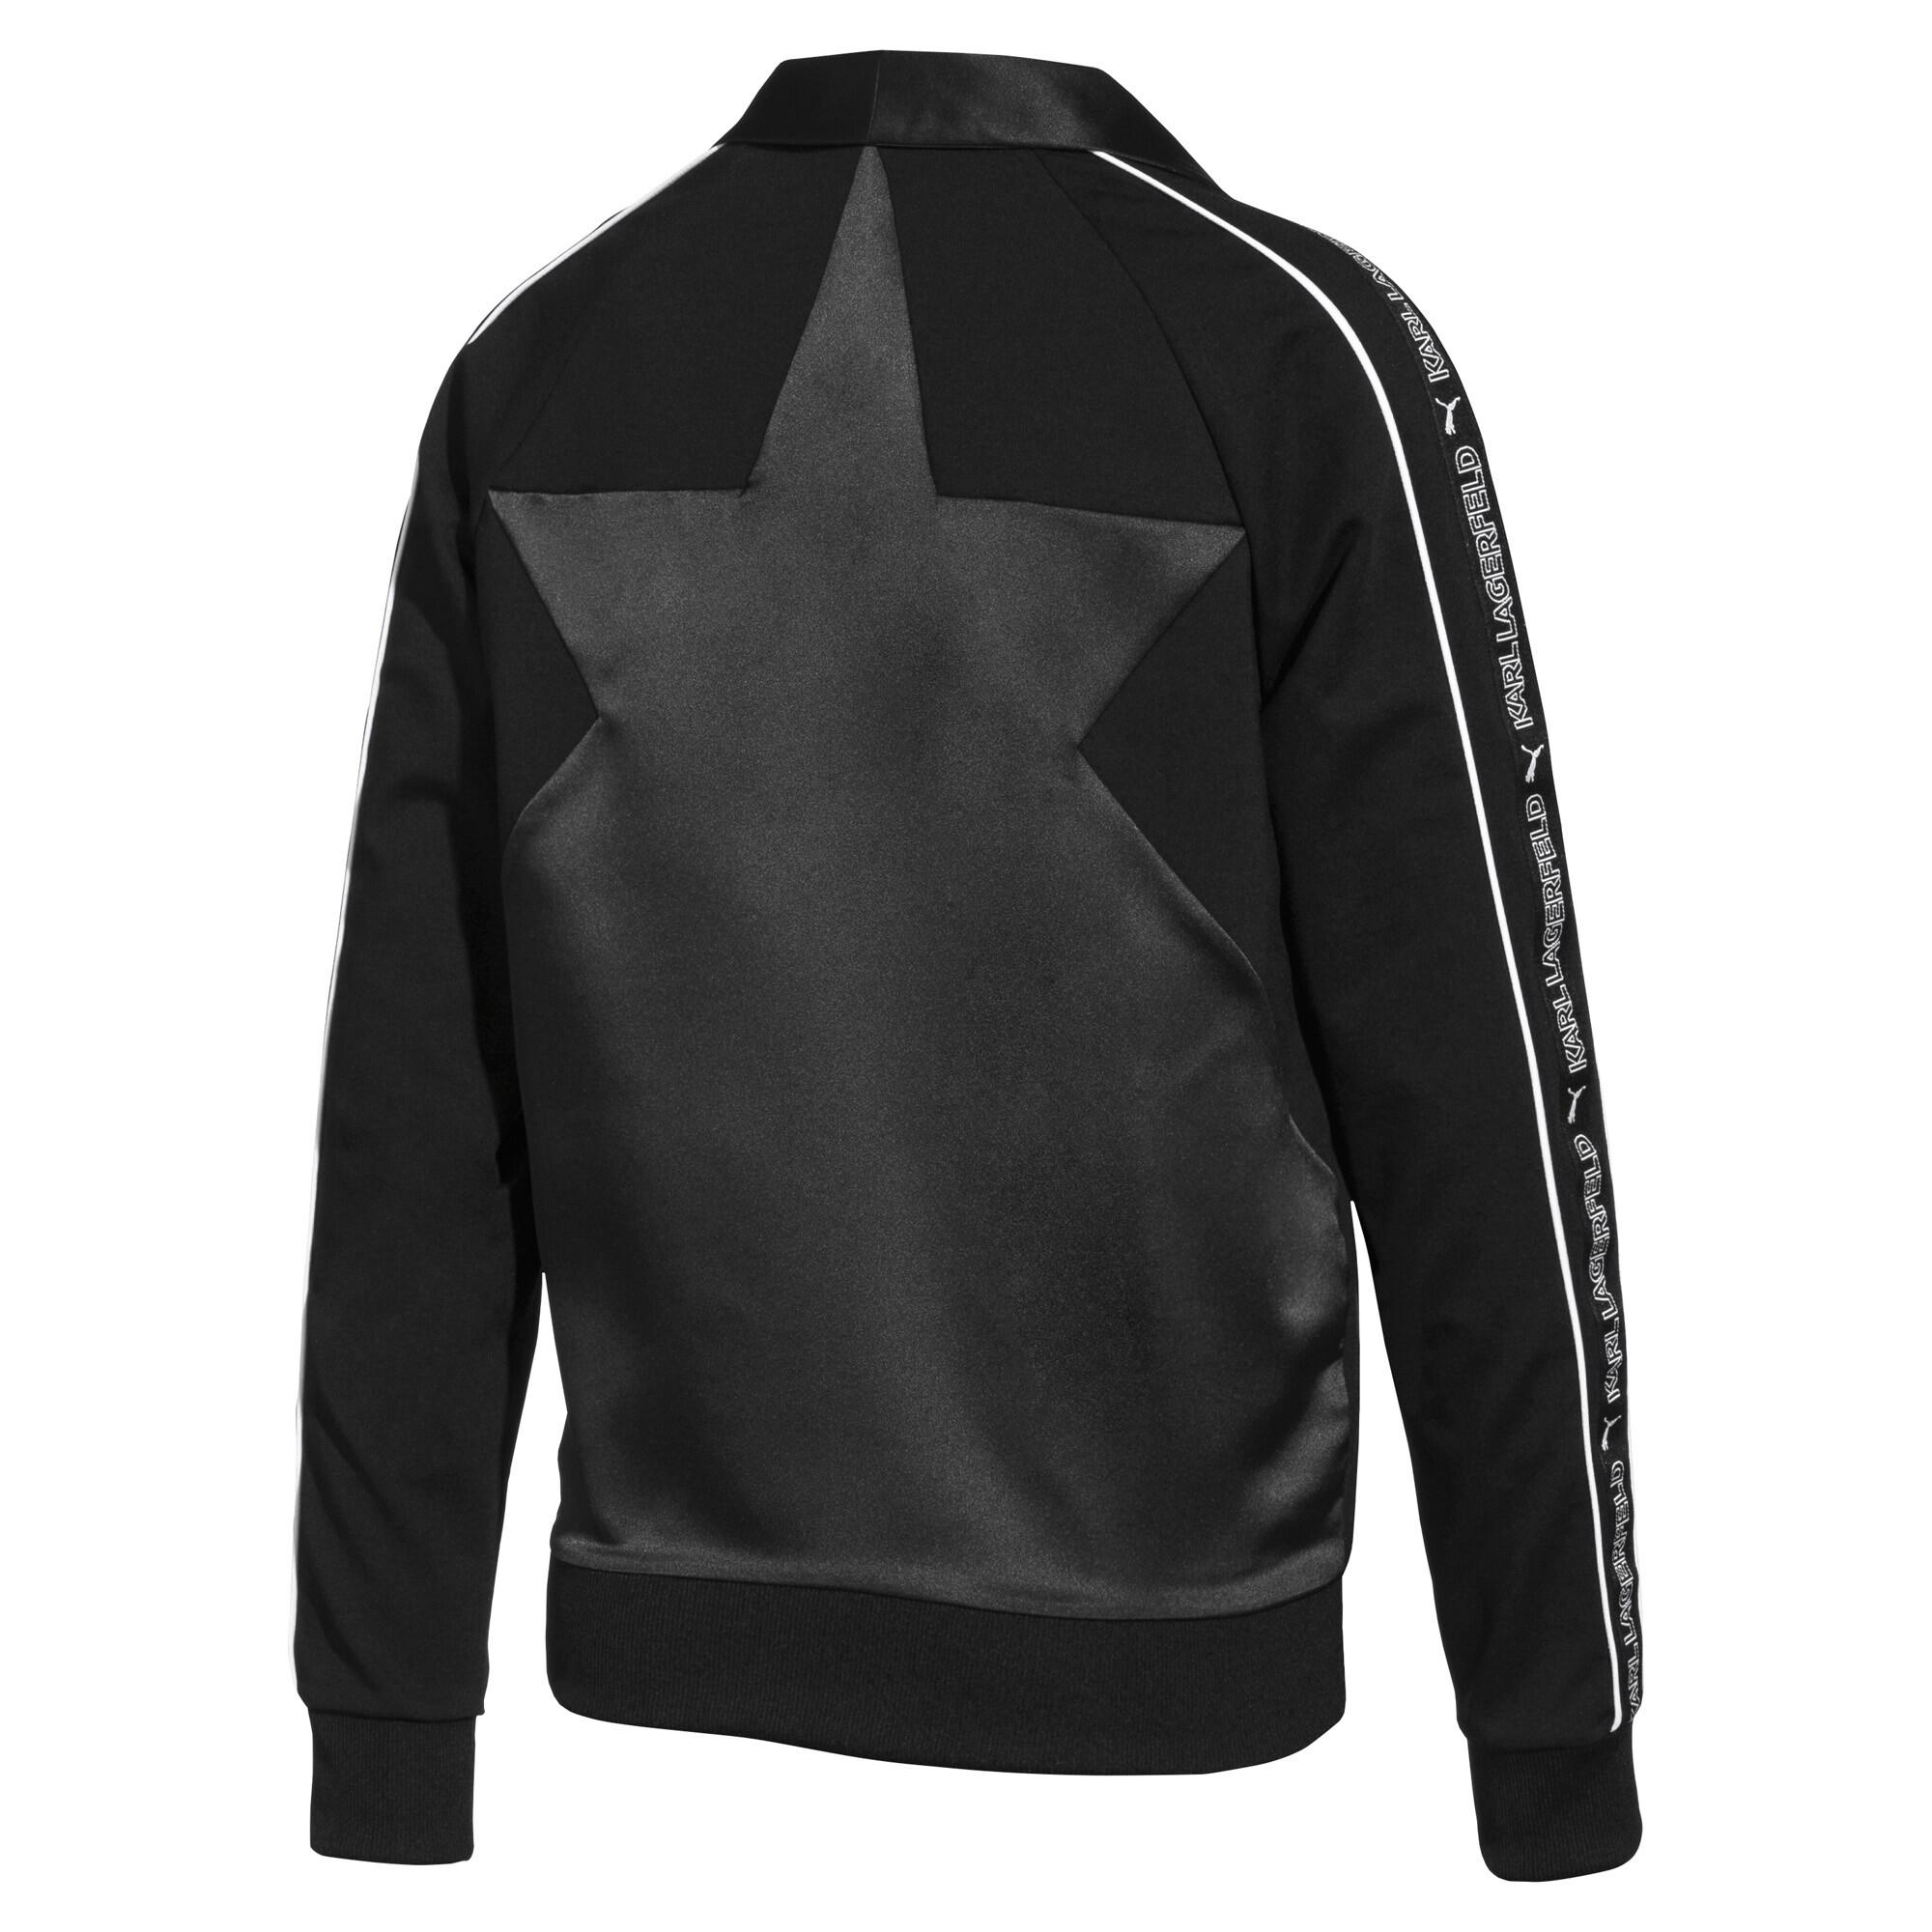 Image Puma PUMA x KARL LAGERFELD T7 Women's Track Jacket #6